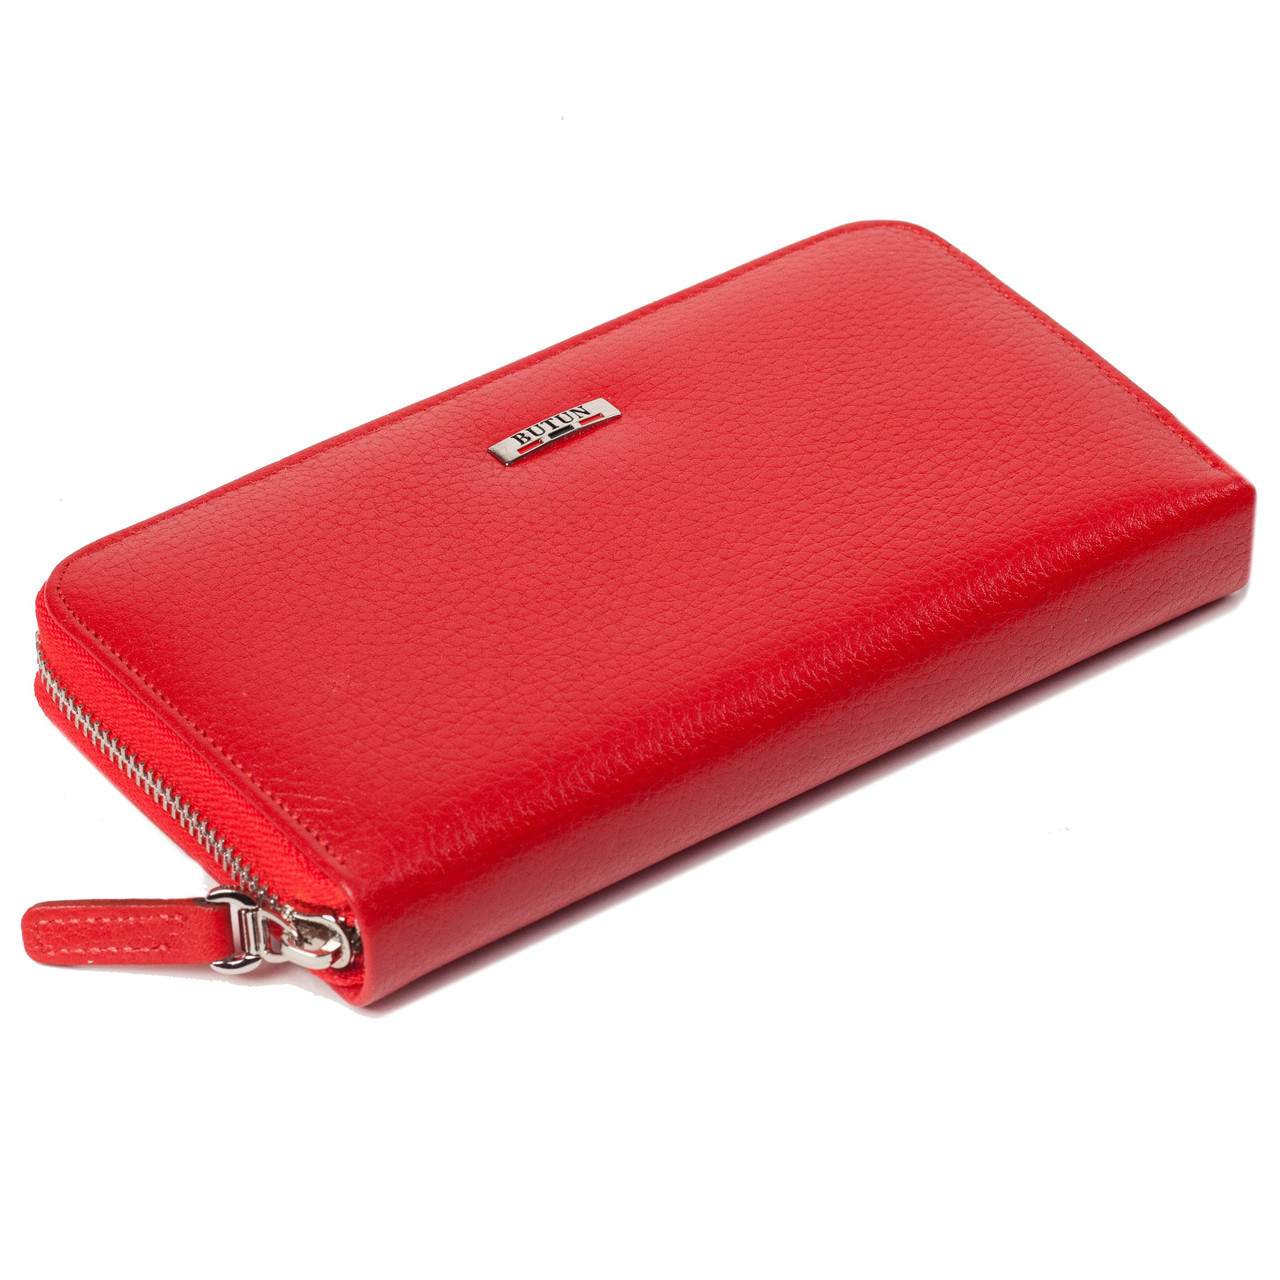 Женский кошелек кожаный красный Butun 639-004-006